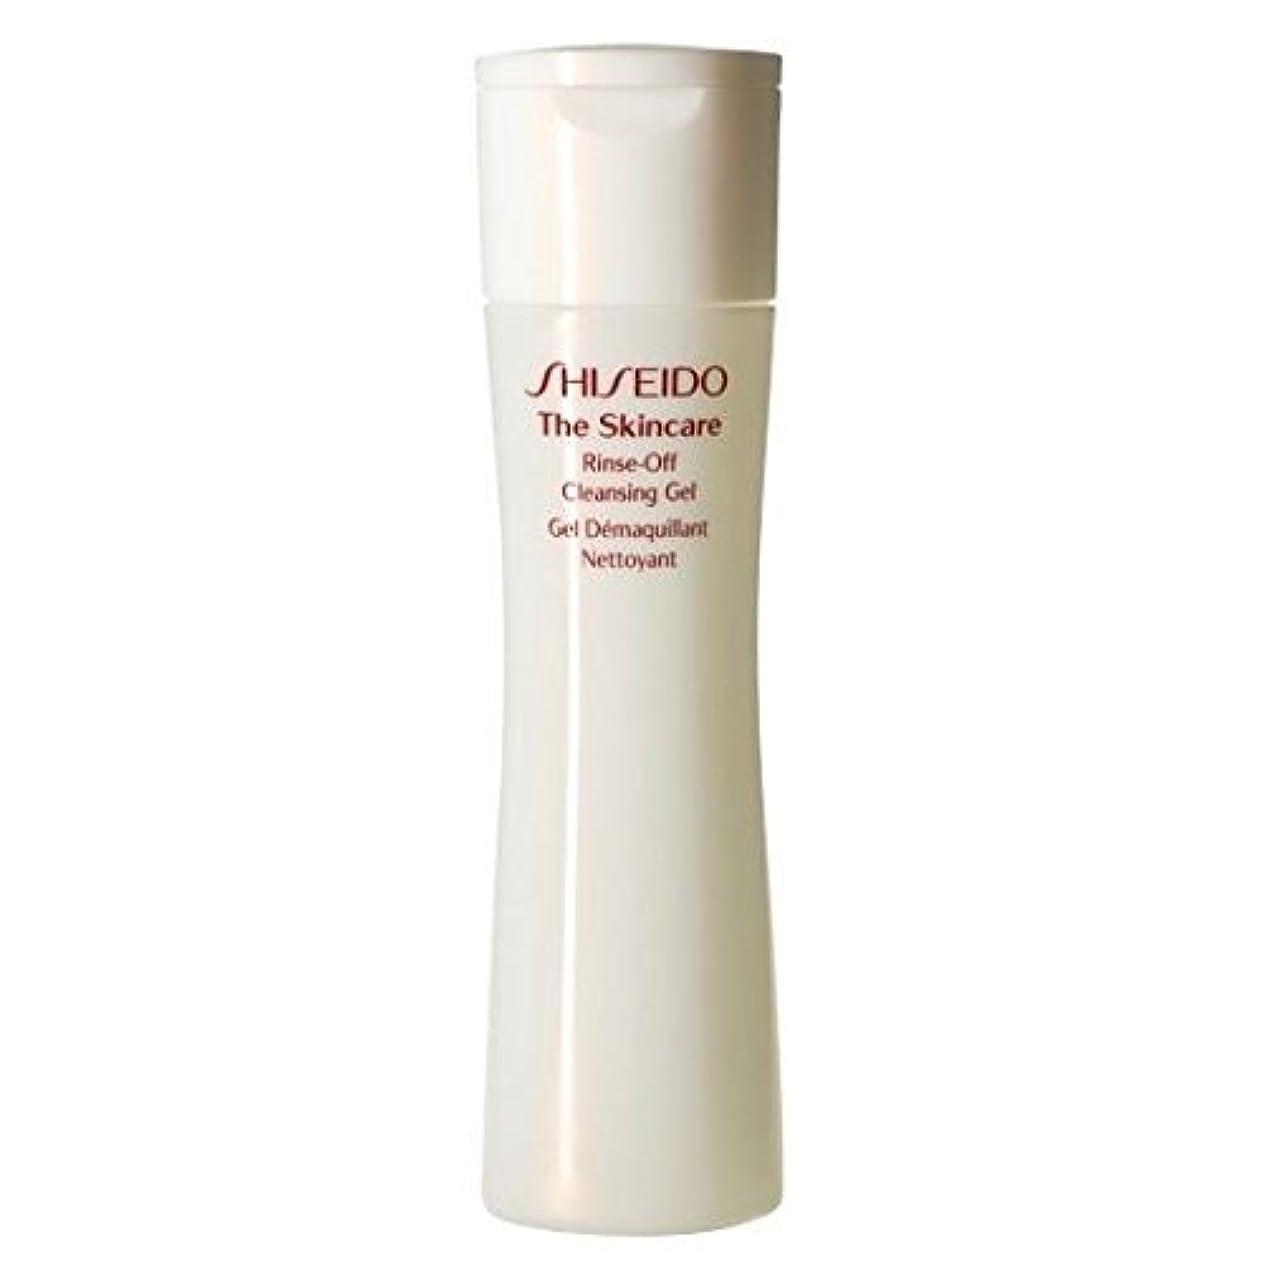 しばしば休戦女優[Shiseido] スキンケアリンスオフクレンジングジェル、200ミリリットルを資生堂 - Shiseido The Skincare Rinse-Off Cleansing Gel, 200ml [並行輸入品]